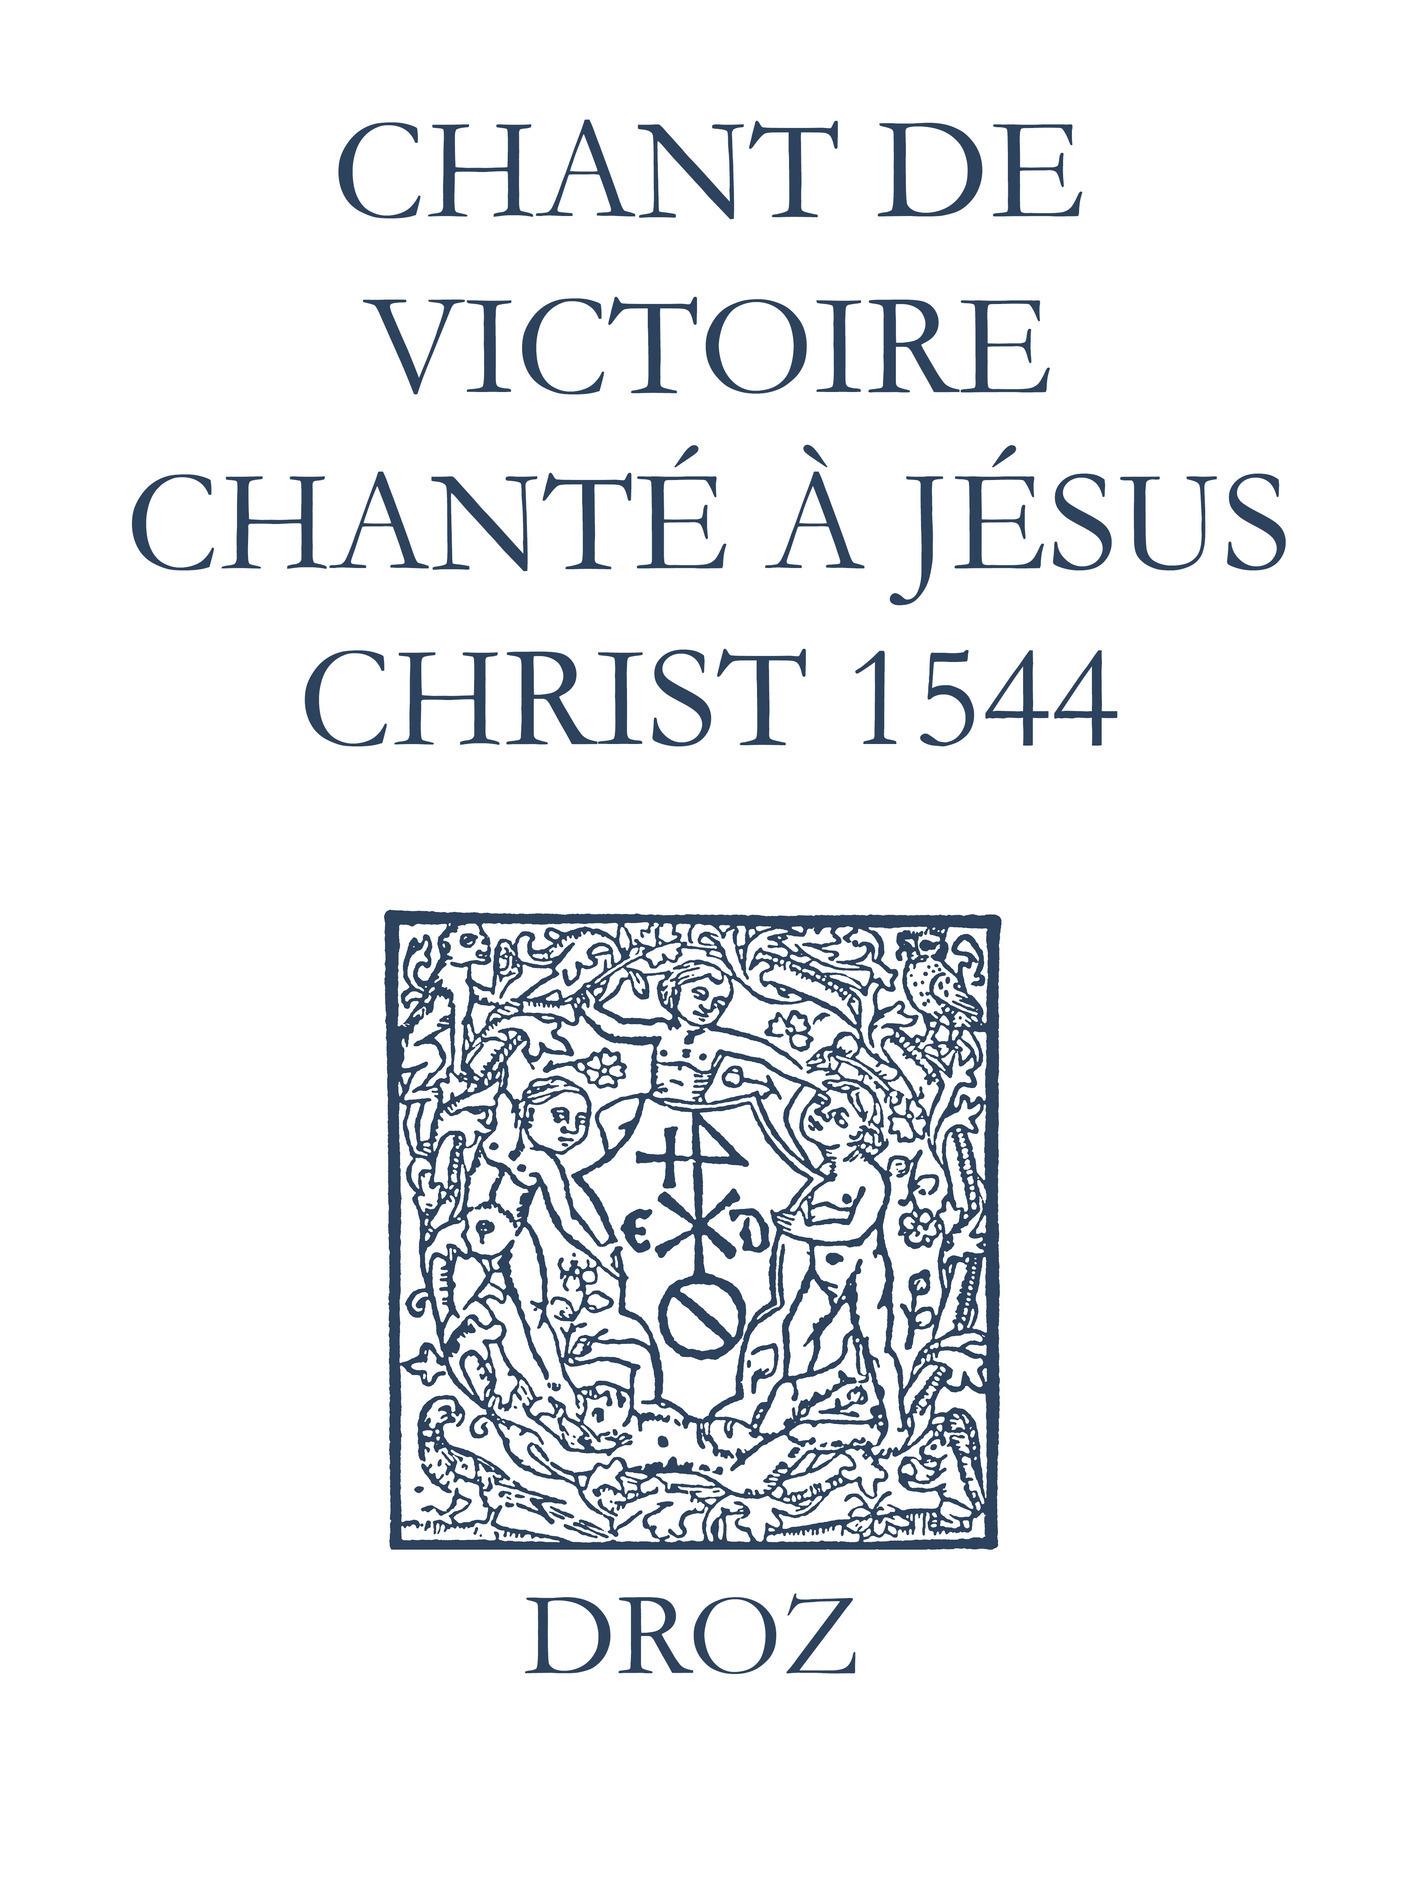 Recueil des opuscules 1566. Chant de victoire chanté à Jésus Christ (1544)  - Laurence Vial-Bergon